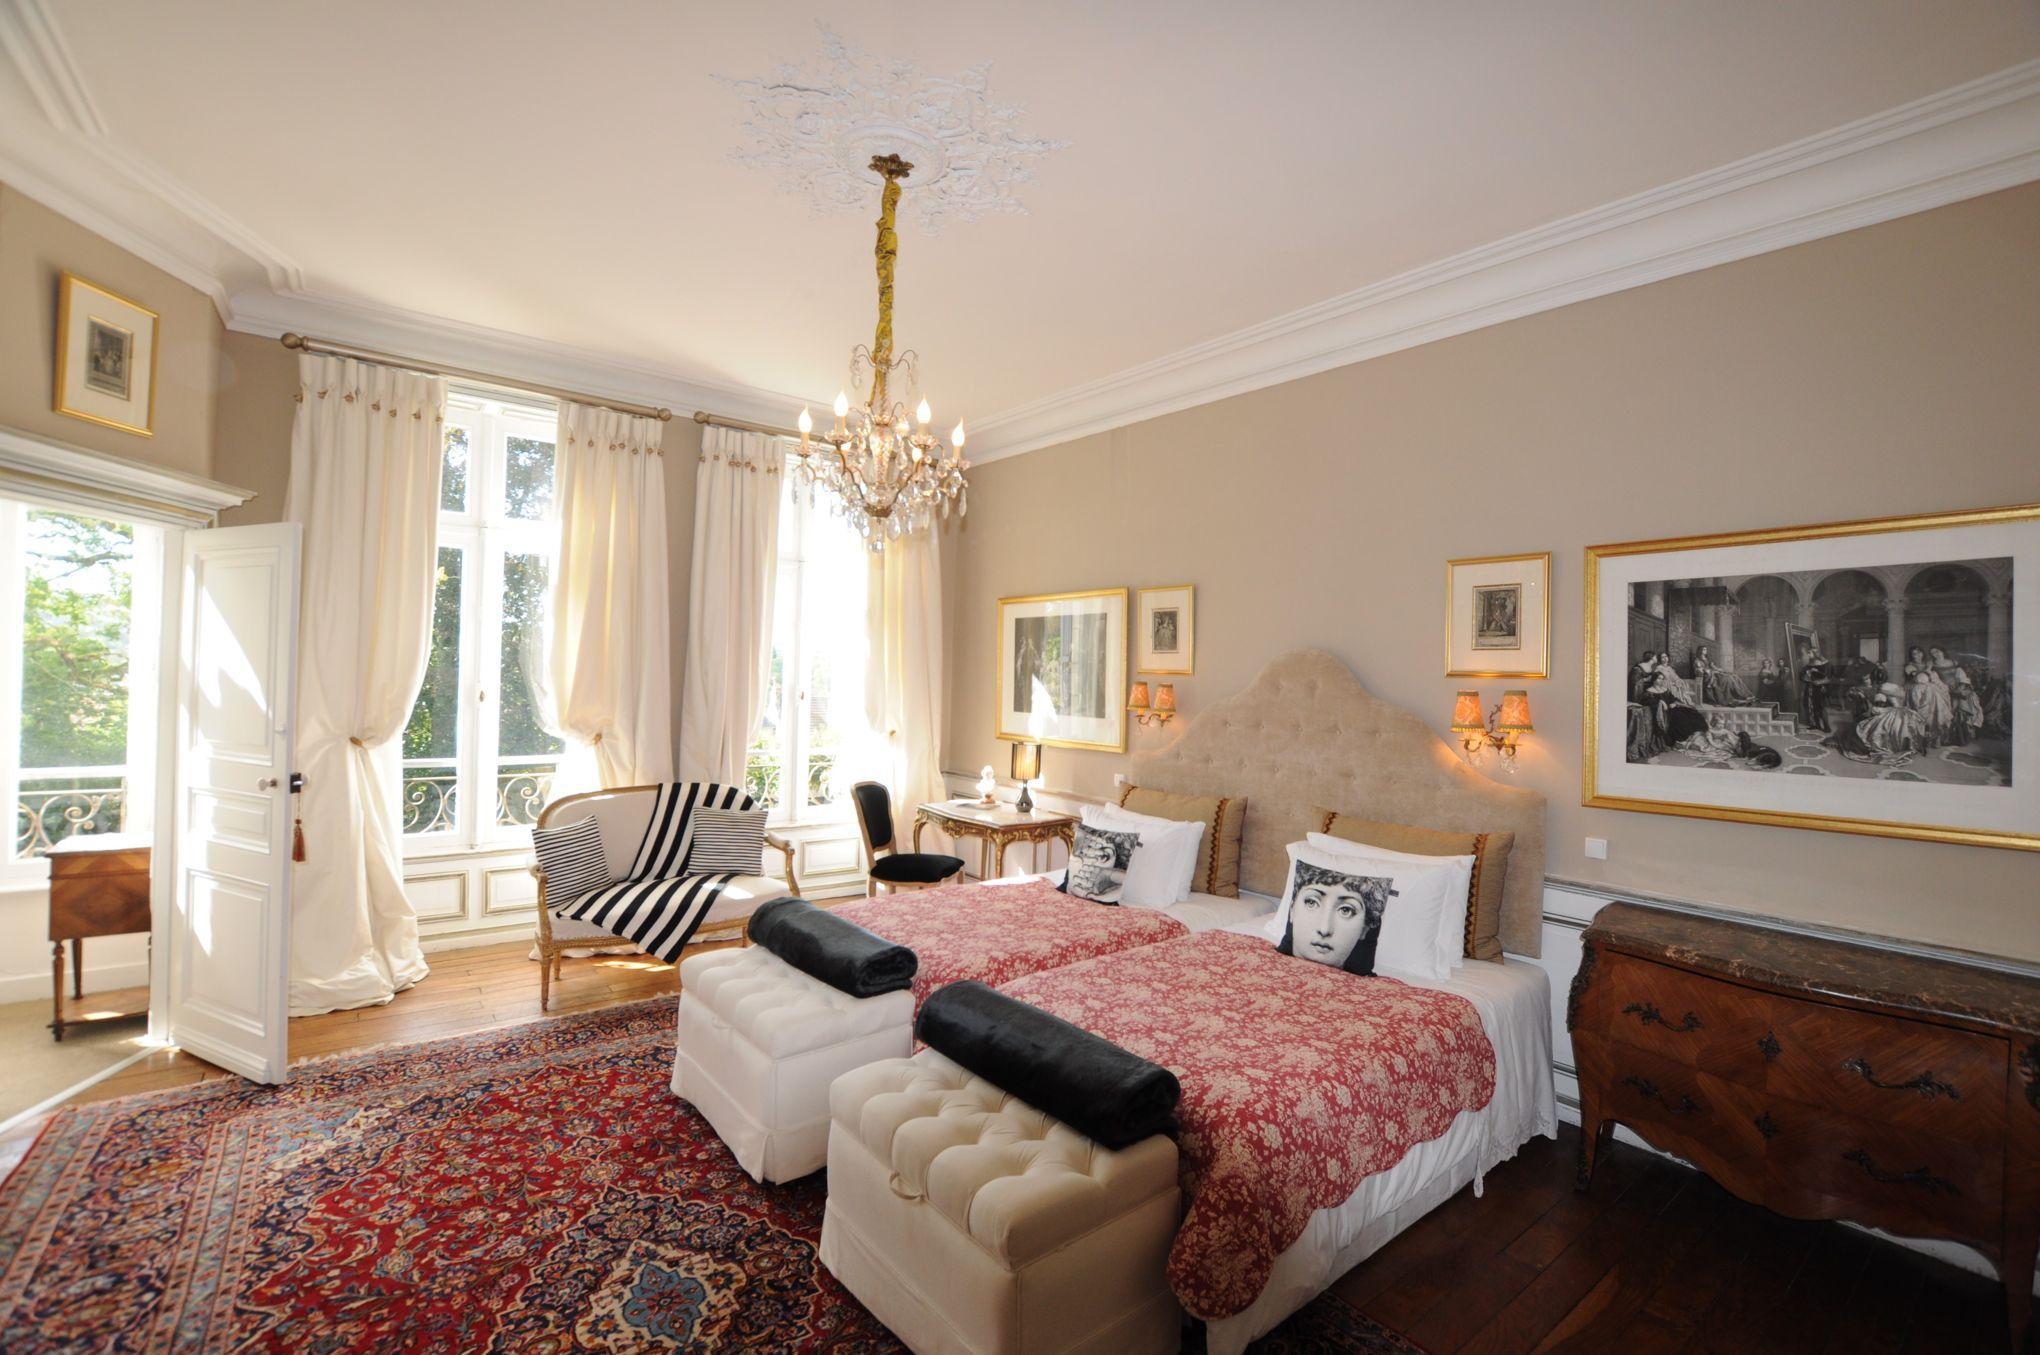 nos plus belles chambres d 39 h tes dans le sud ouest. Black Bedroom Furniture Sets. Home Design Ideas